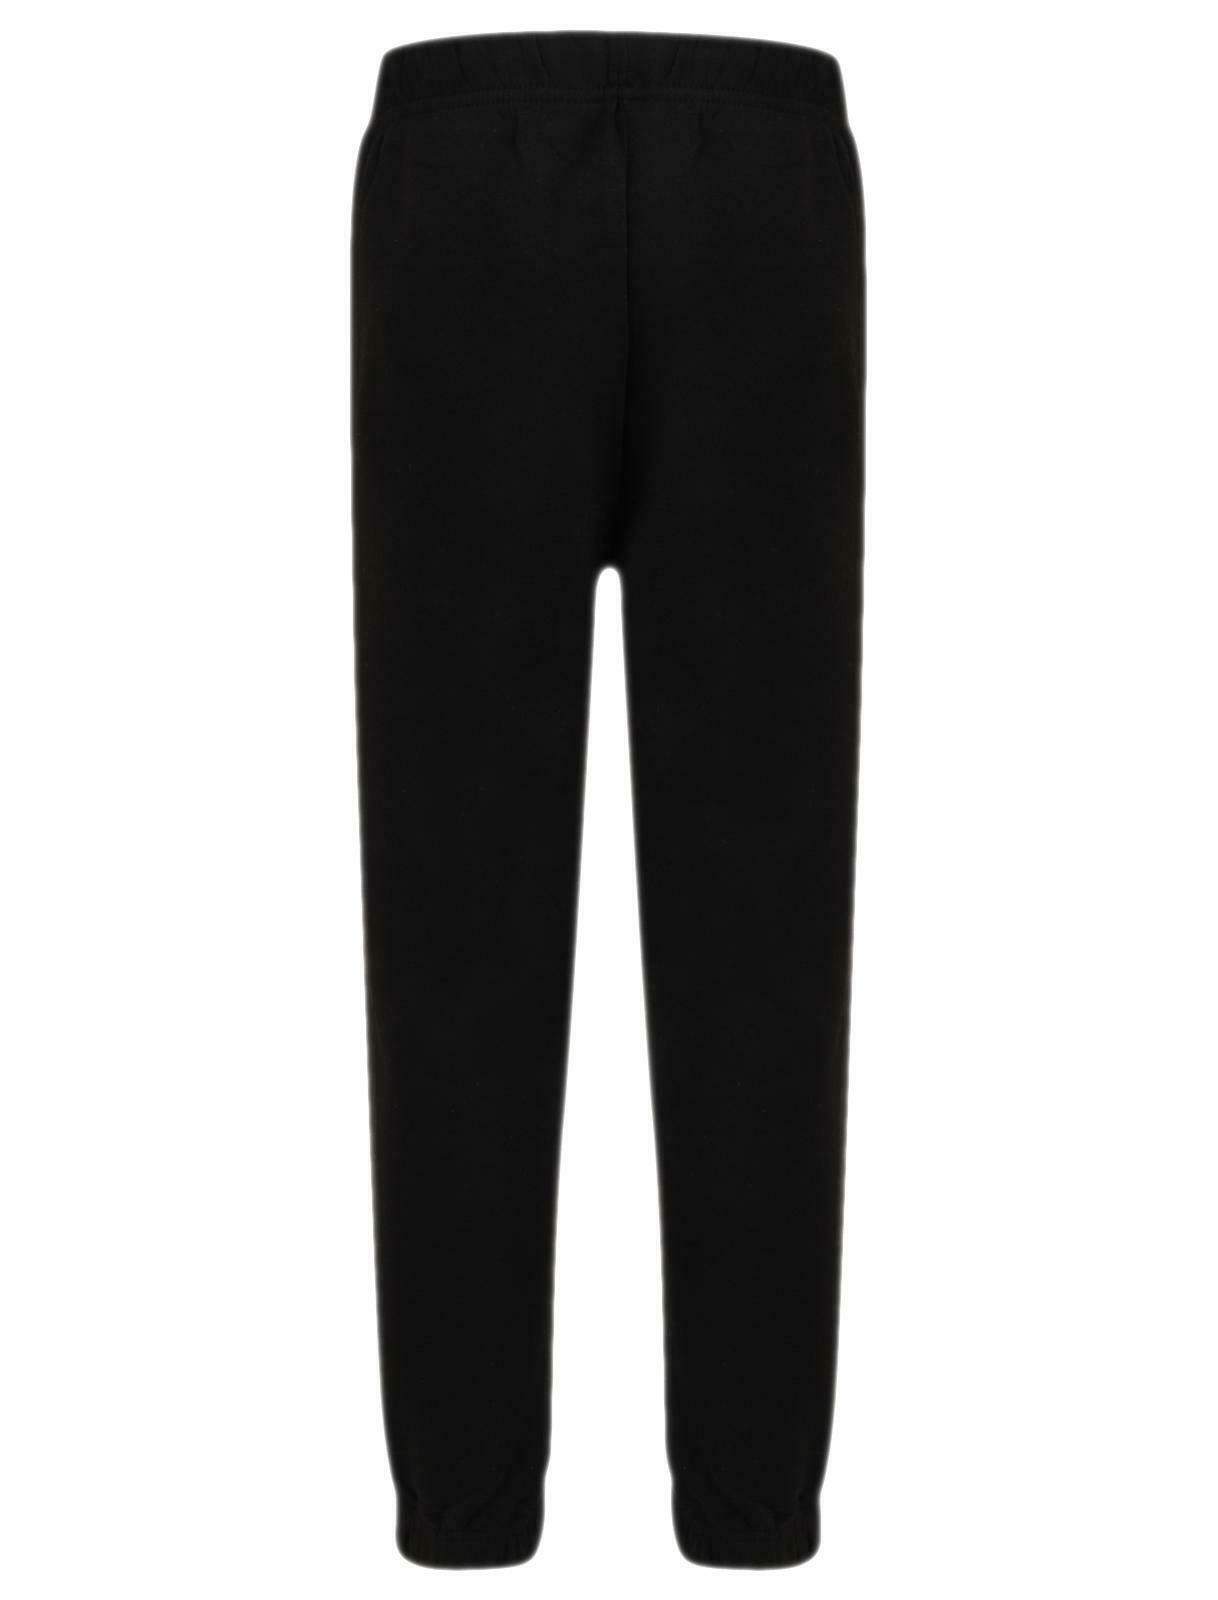 Kids Fleece Trouser Black (Pack of 12)